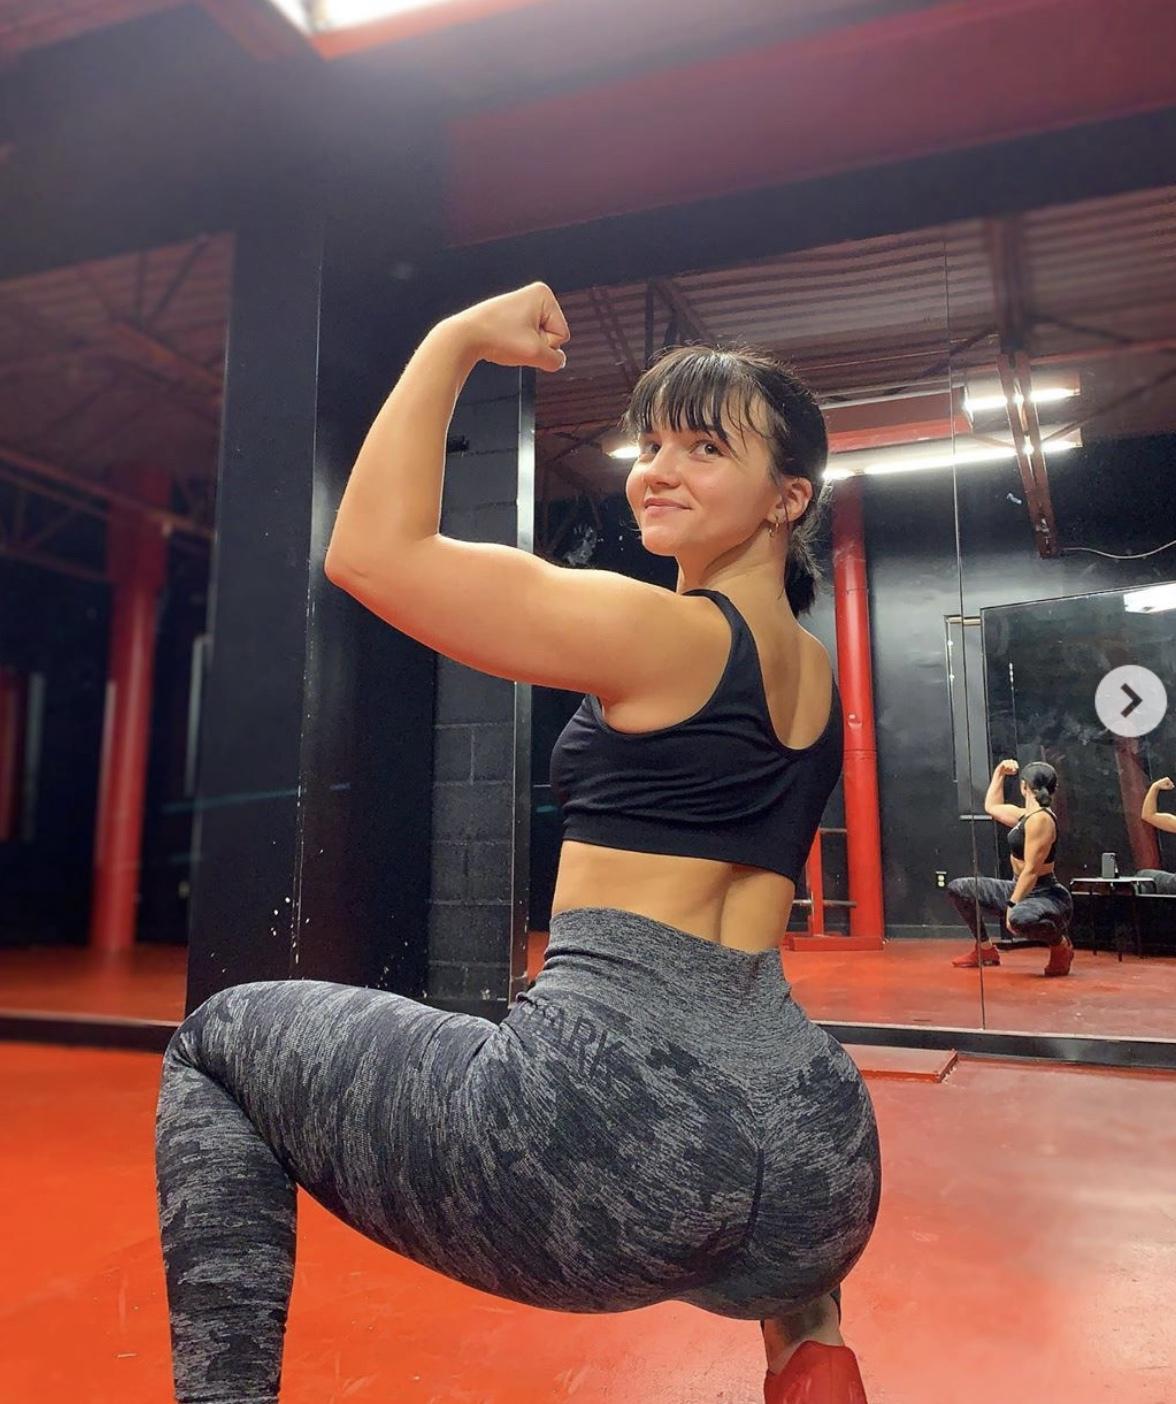 【画像】ロシアのJKレスリングチャンピオンの体、ヤバすぎるwww